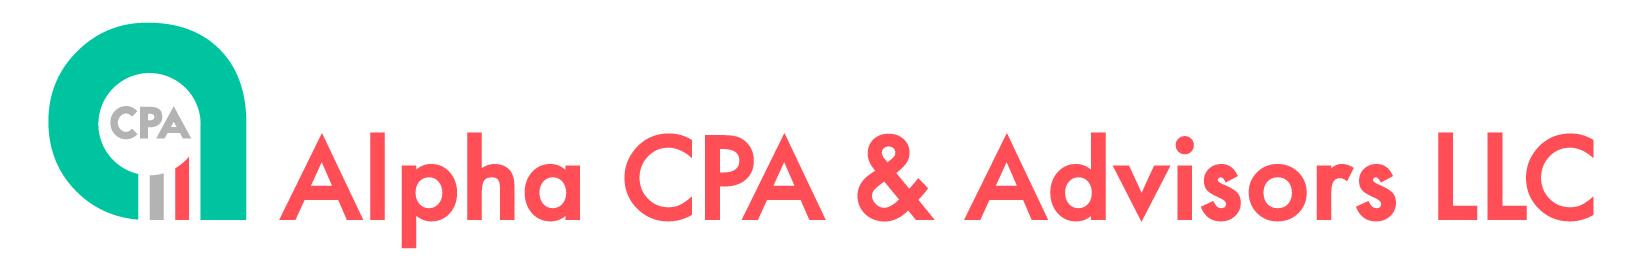 Alpha CPA & Advisors LLC logo horizontal